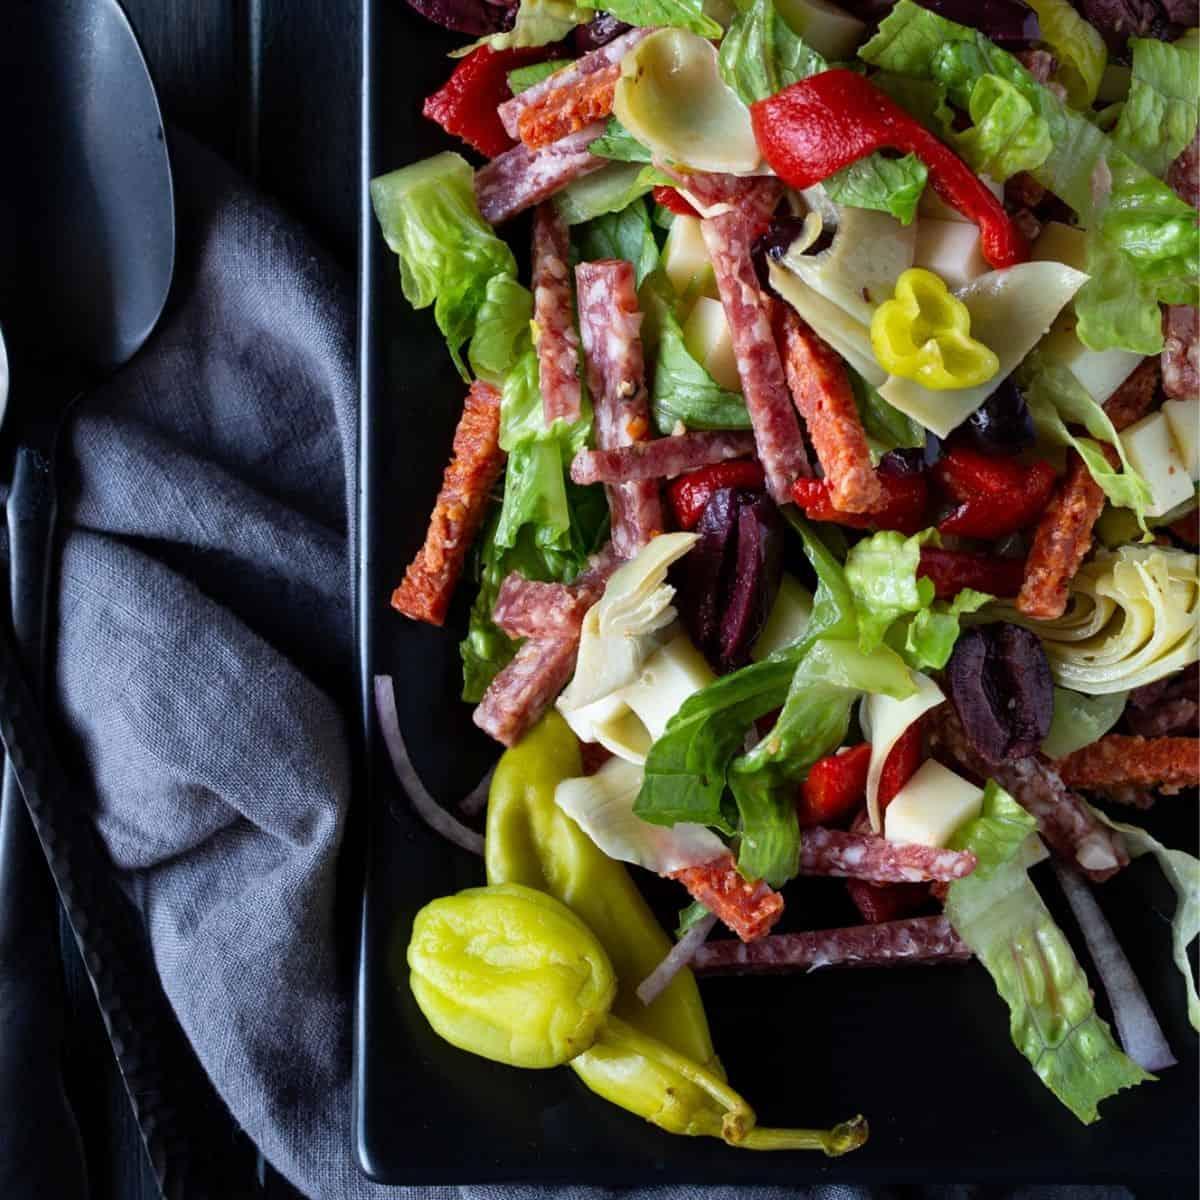 Black platter filled with antipasto salad.